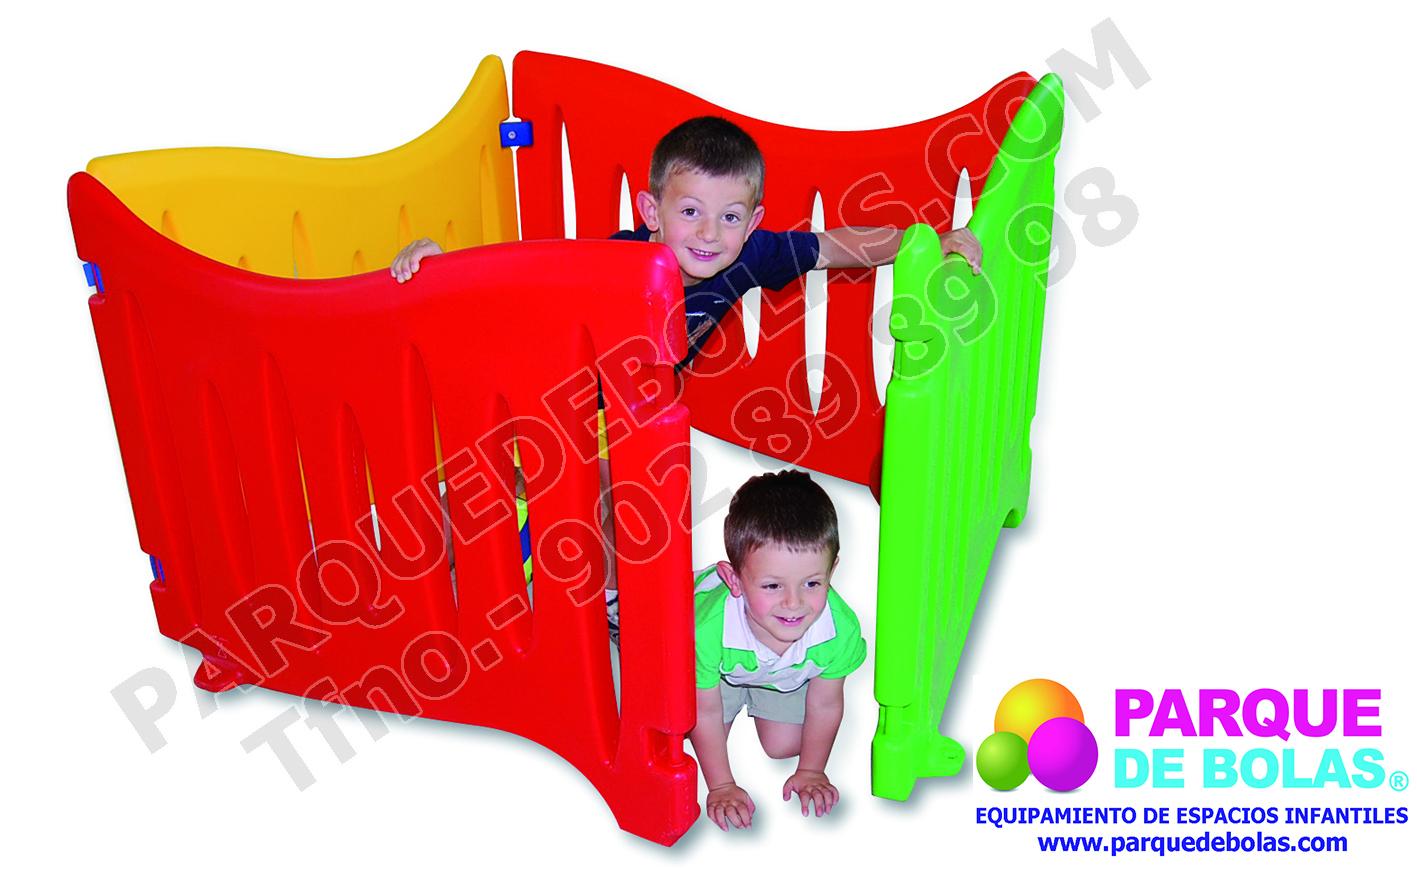 http://www.parquedebolas.com/images/productos/peq/valladoplasticob.jpg